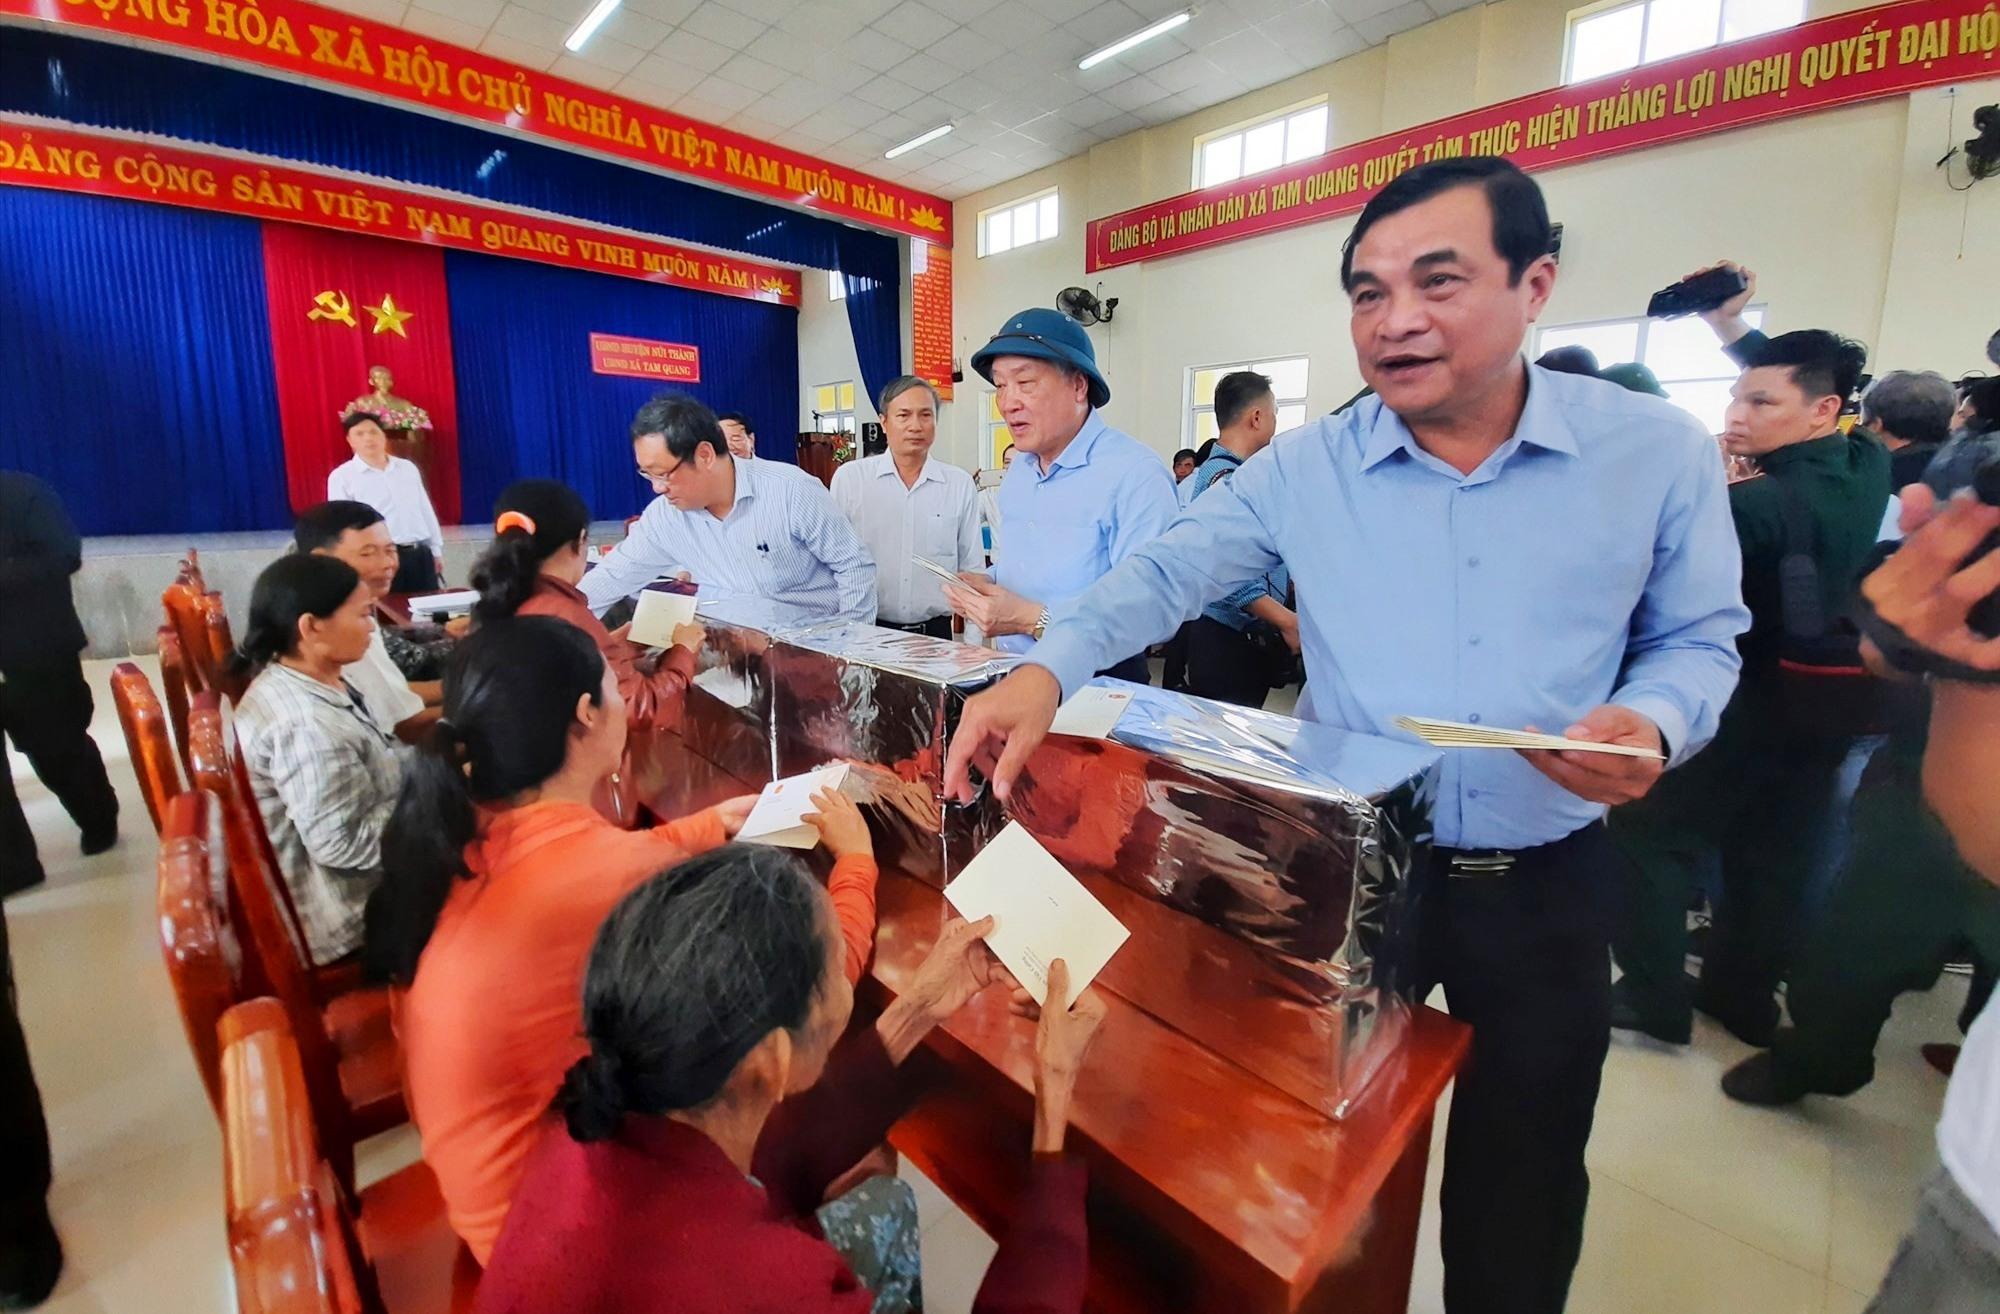 Đồng chí Phan Việt Cường - Bí thư Tỉnh ủy gửi quà của Thủ tướng đến người dân. Ảnh: Đ.N